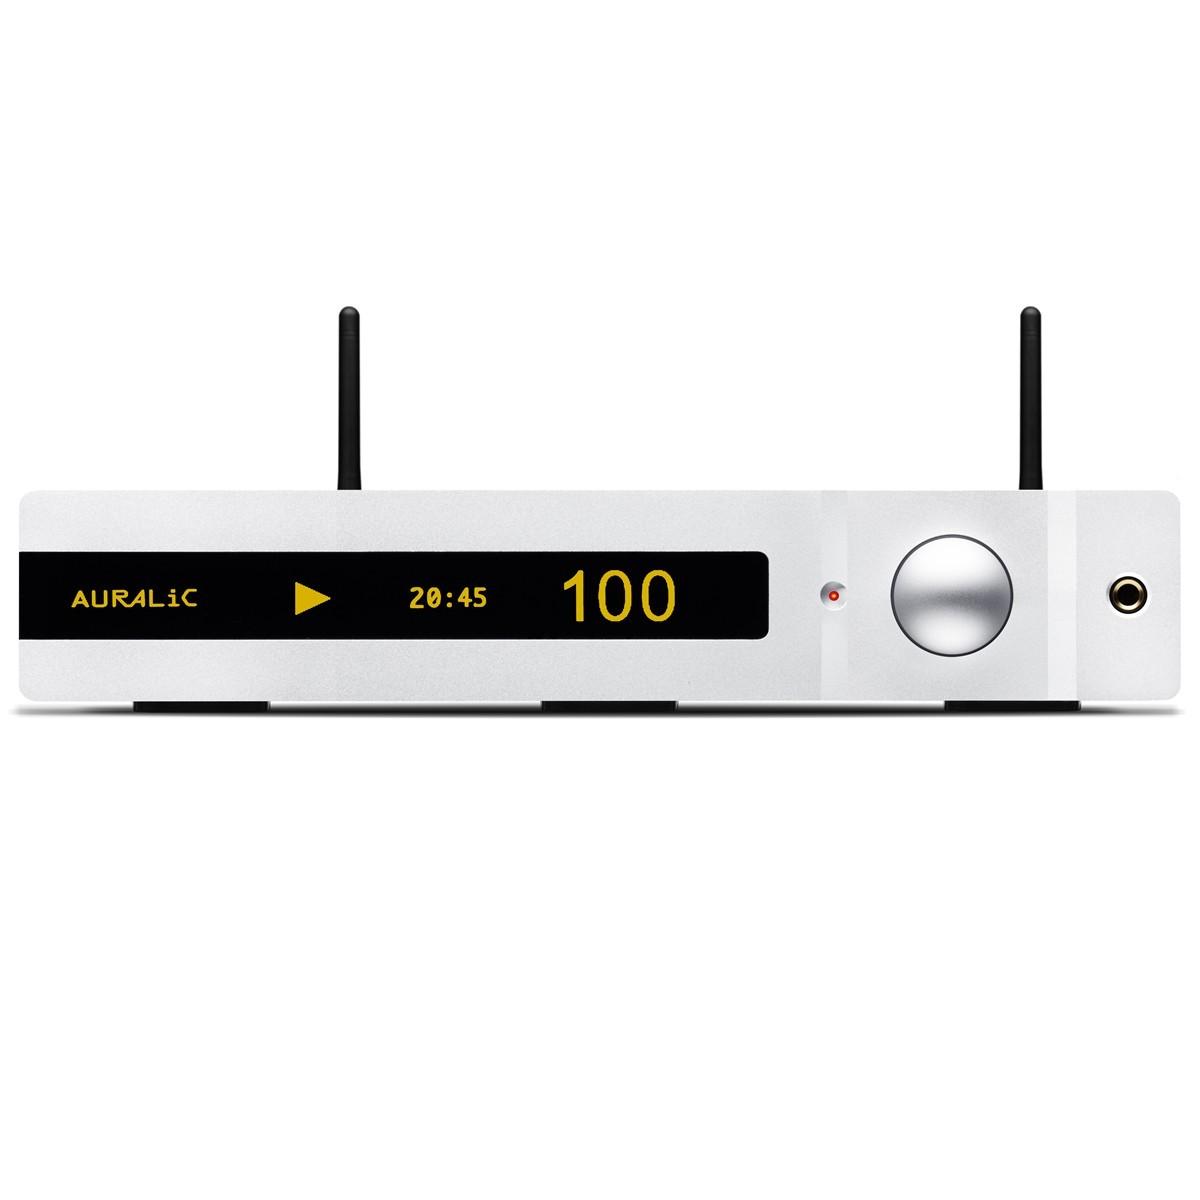 AURALiC Altair Lecteur Réseau DAC 32bit 384khz AES/EBU Femtoclock Argent